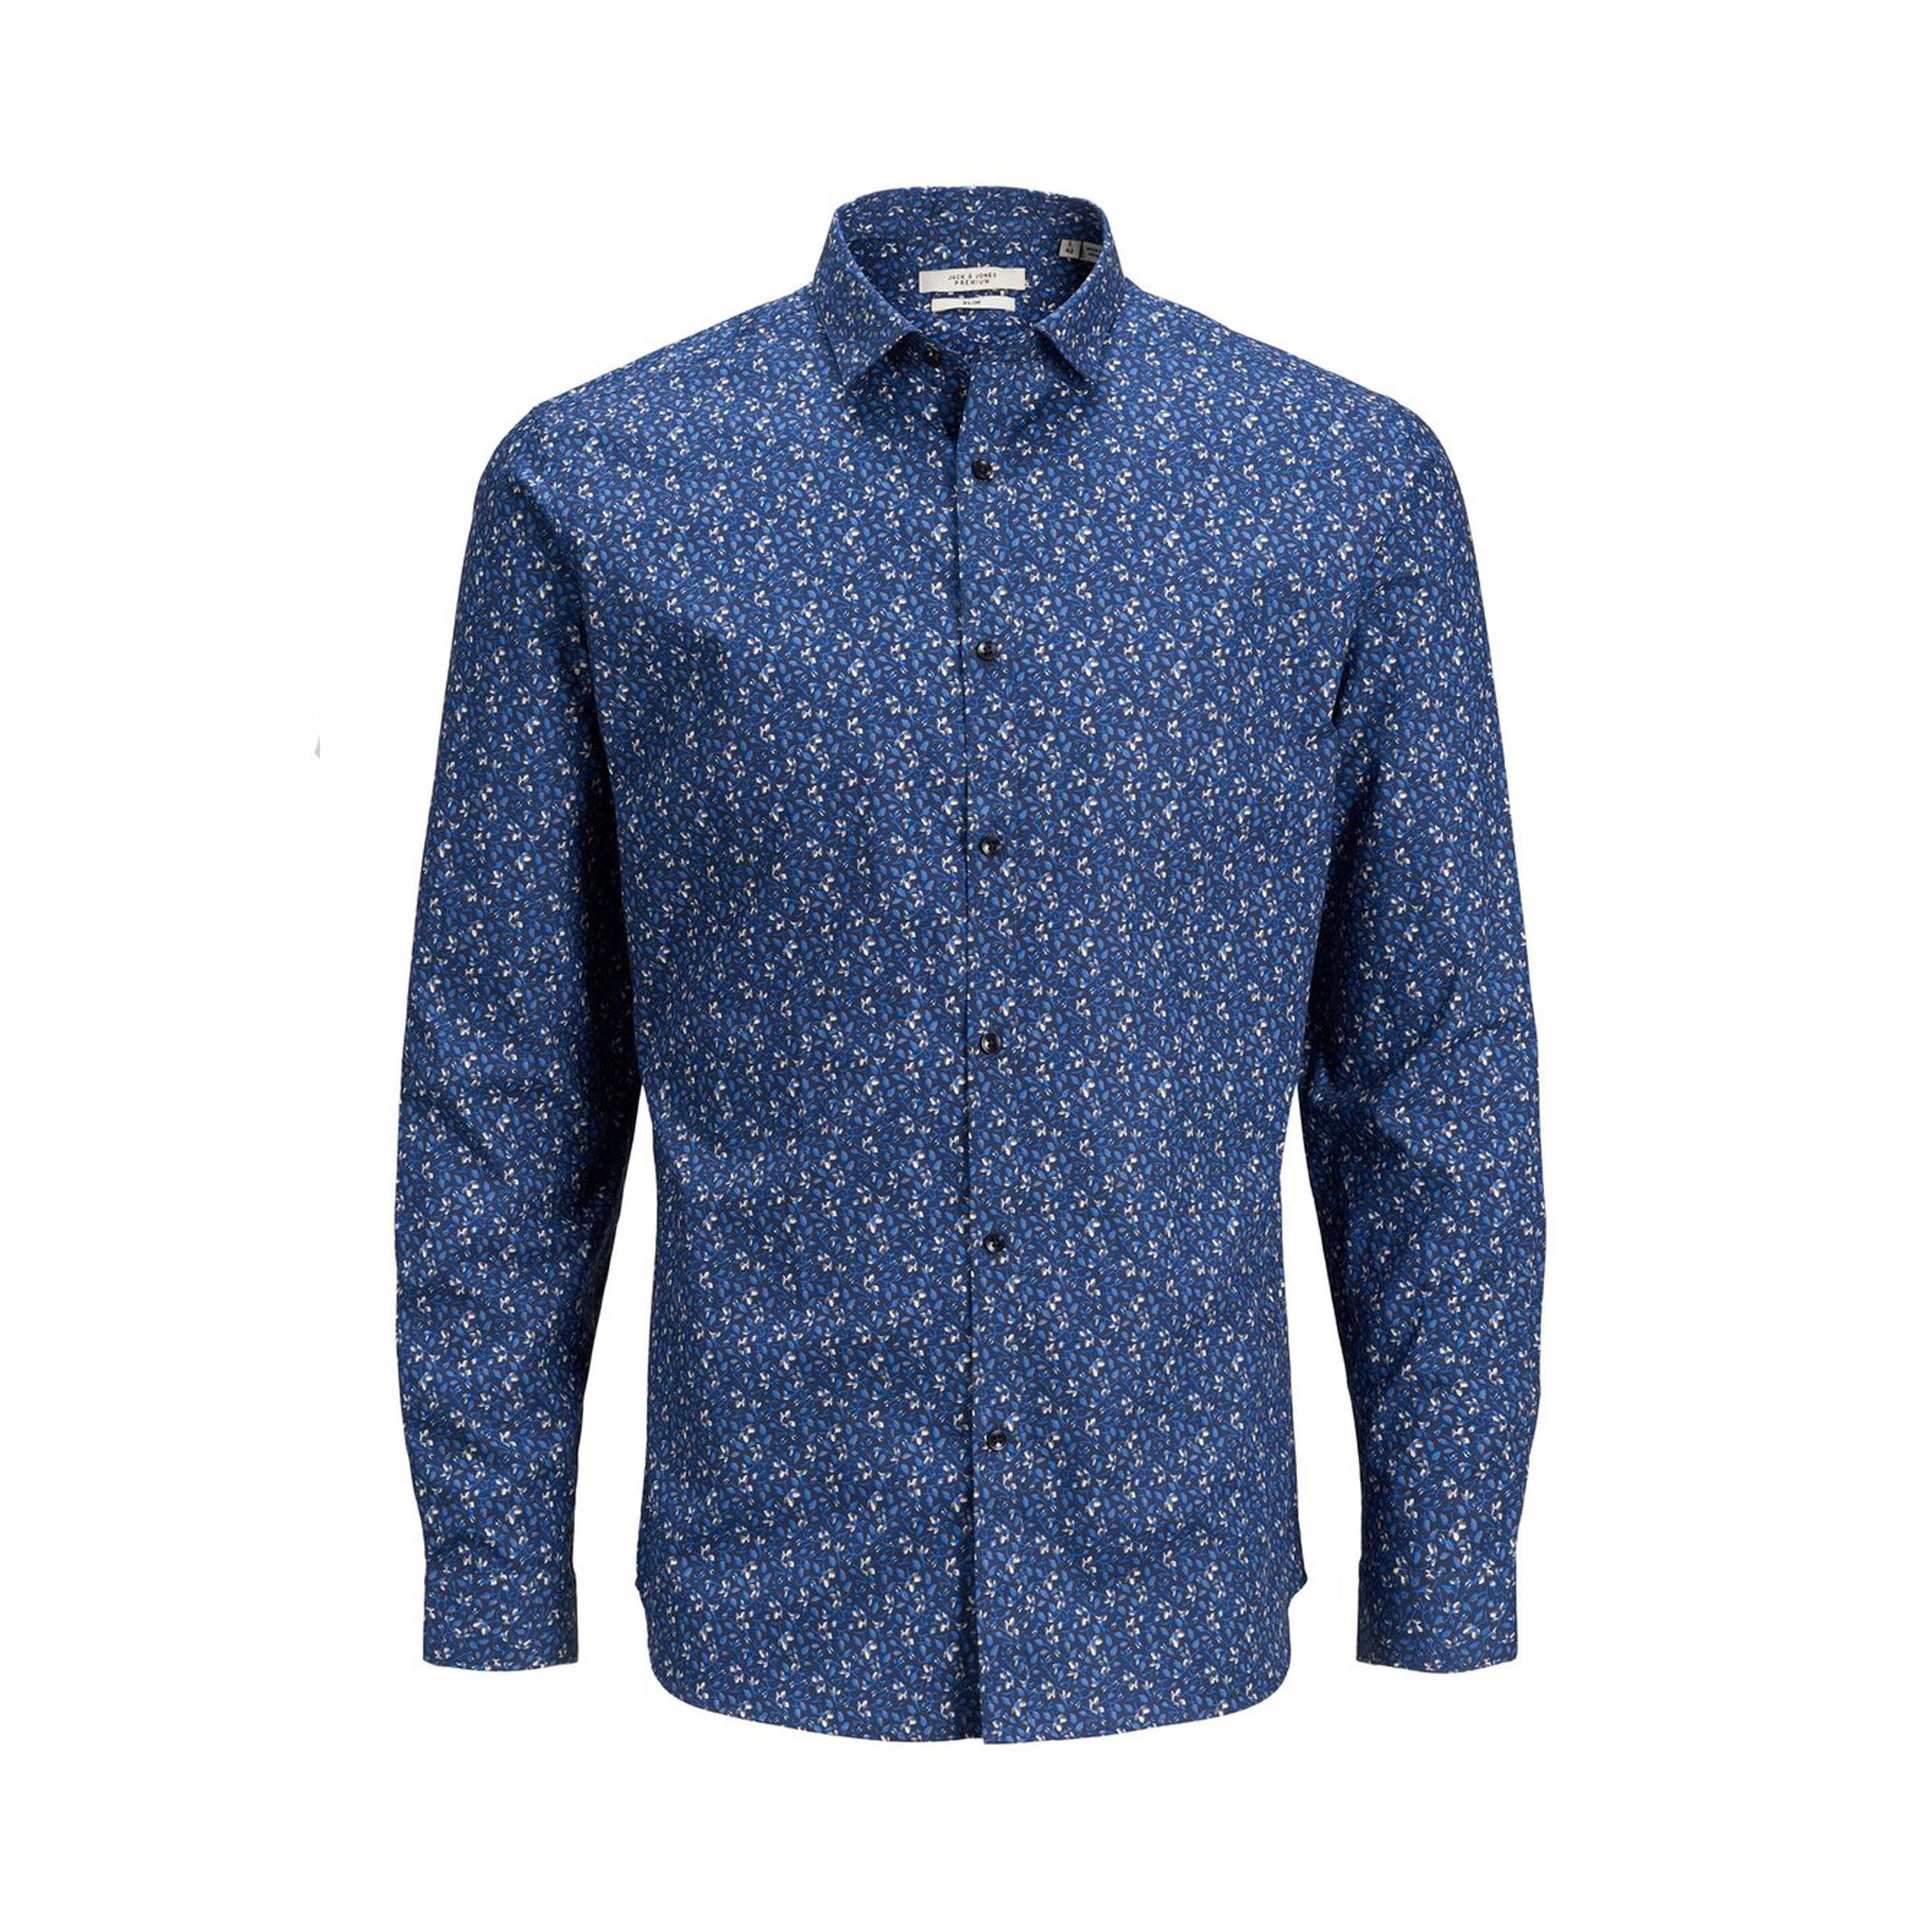 Chemise cintrée jack&jones en coton bleu marine à motifs fleuris